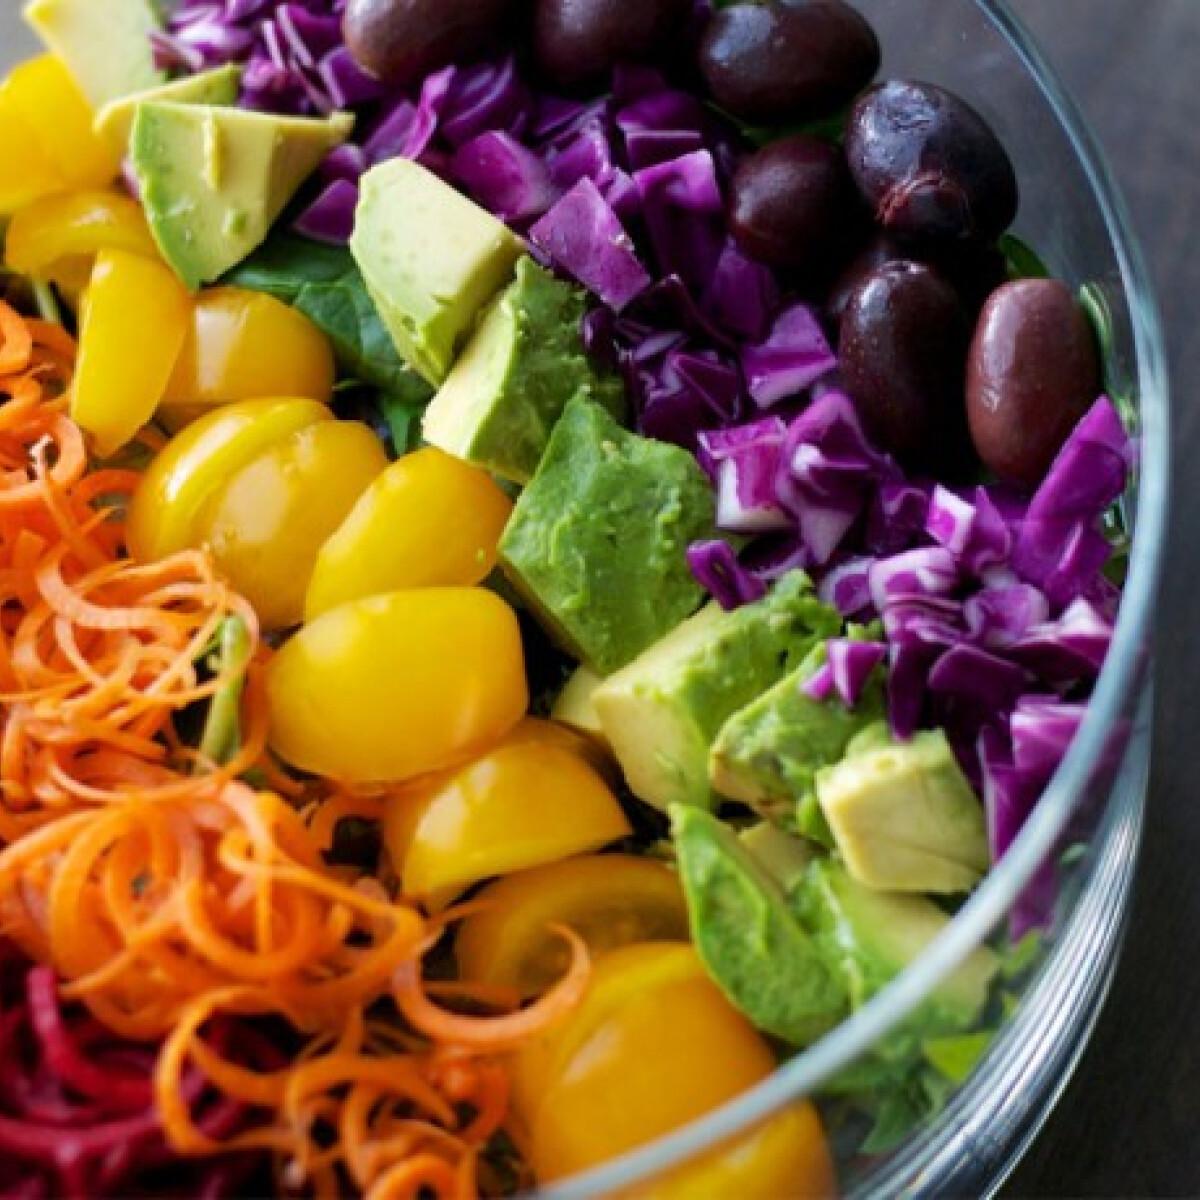 Ezt a három színt mindenképpen enned kell, ha igazán egészséges akarsz lenni